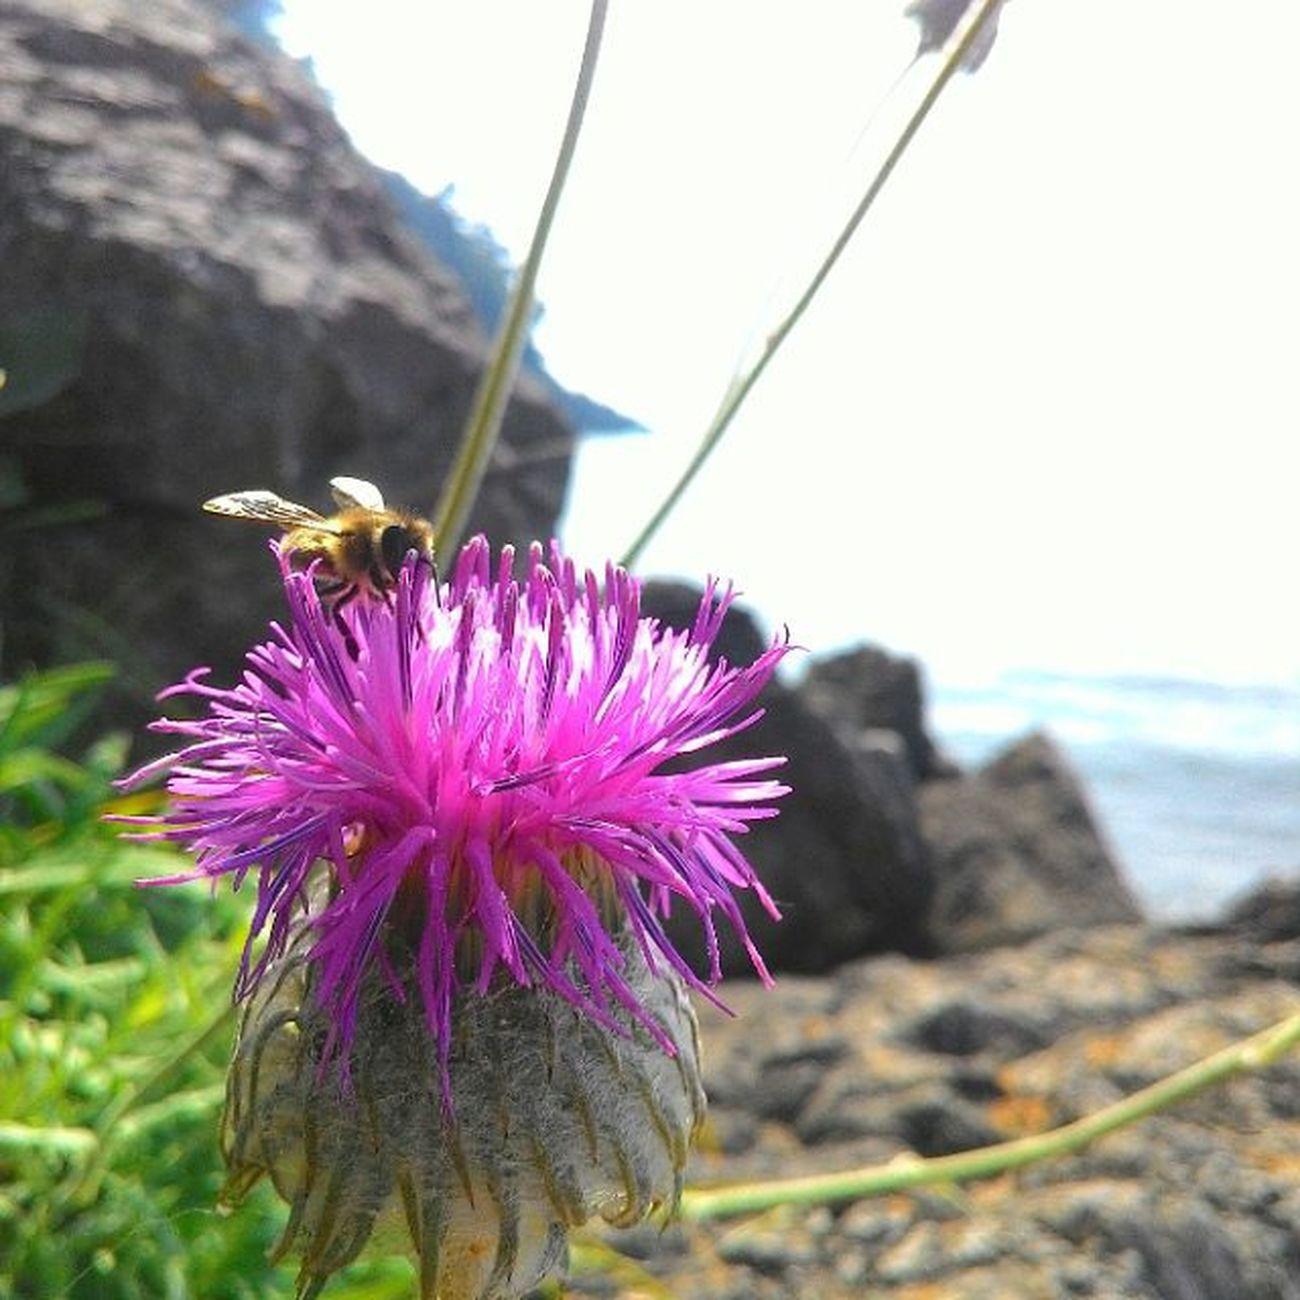 Inkum Deniz Gunes Arı bee çiçek life purple